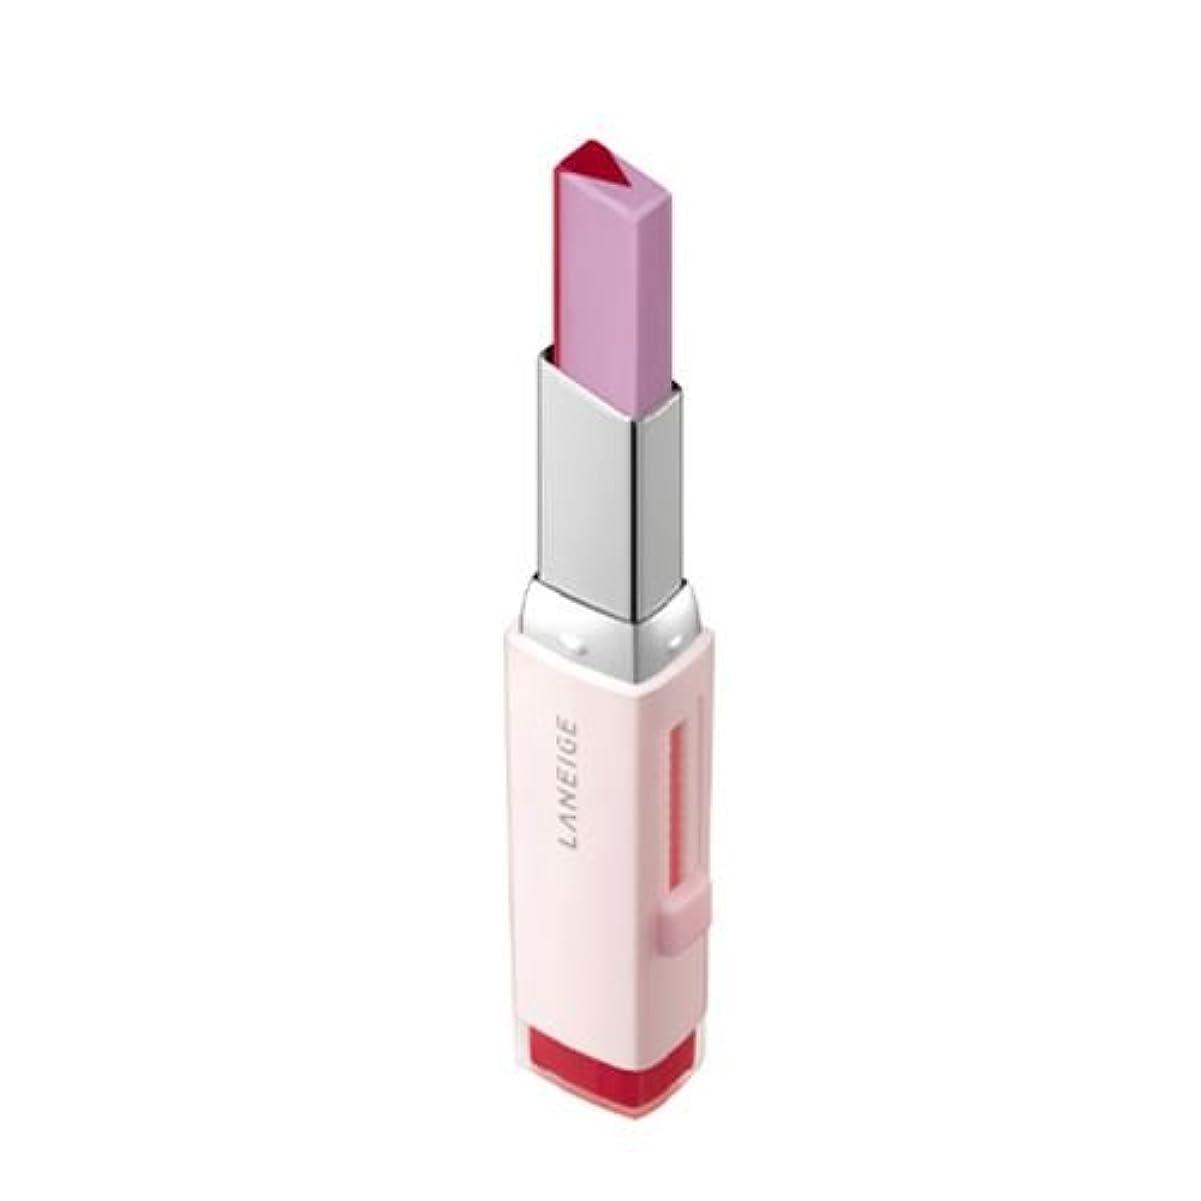 作動する挨拶するコンプリート[New] LANEIGE Two Tone Tint Lip Bar 2g/ラネージュ ツー トーン ティント リップ バー 2g (#07 Lollipop Red) [並行輸入品]